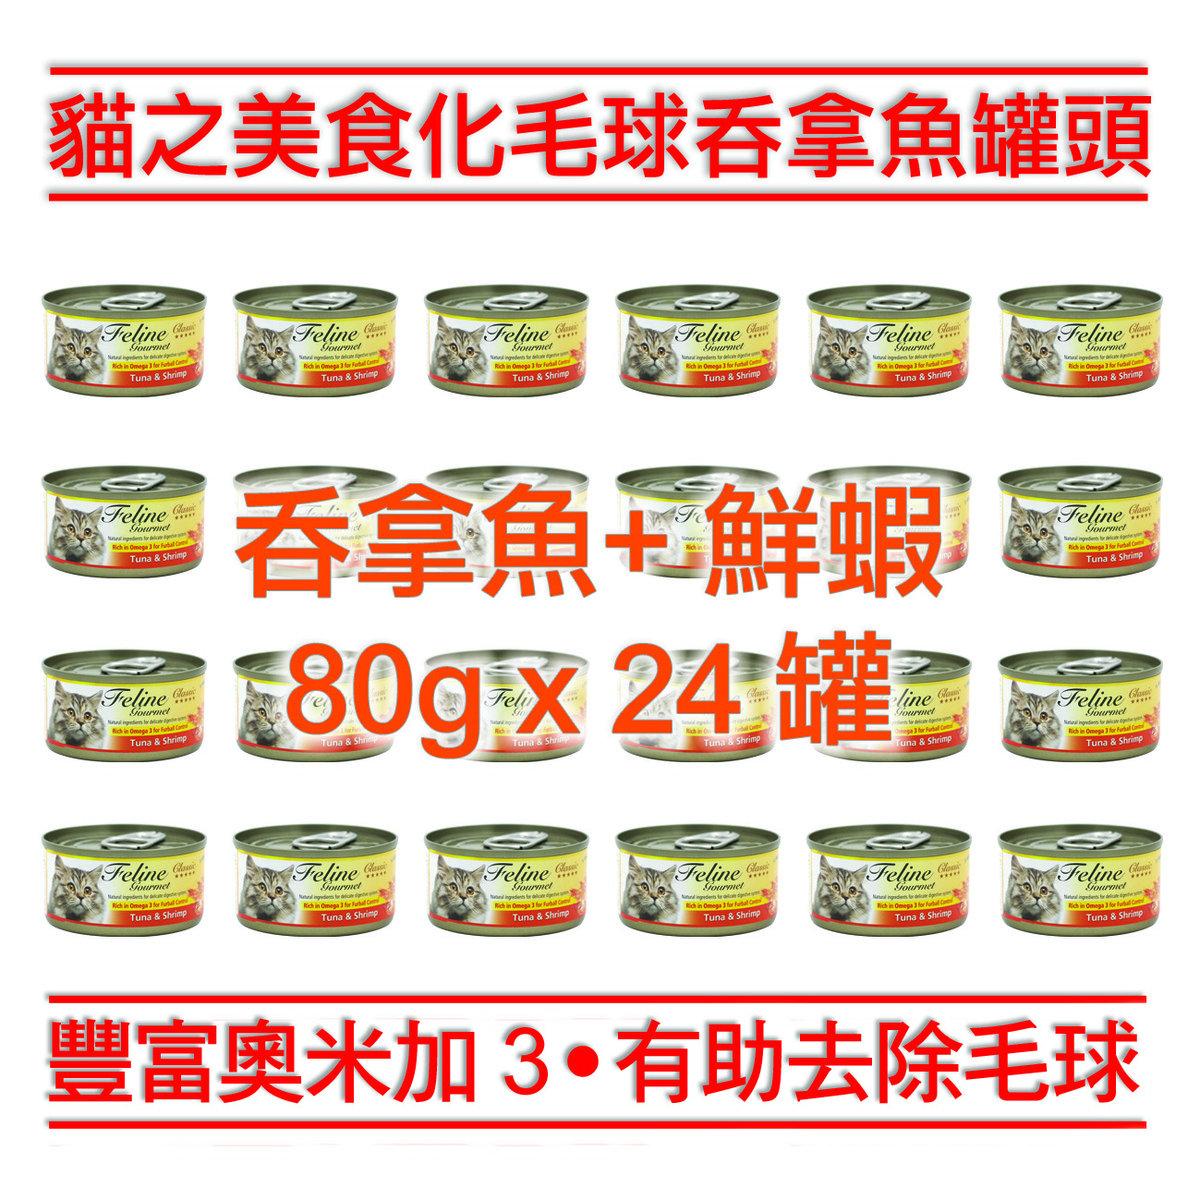 吞拿魚+蝦 - 化毛球  80g x 24 罐